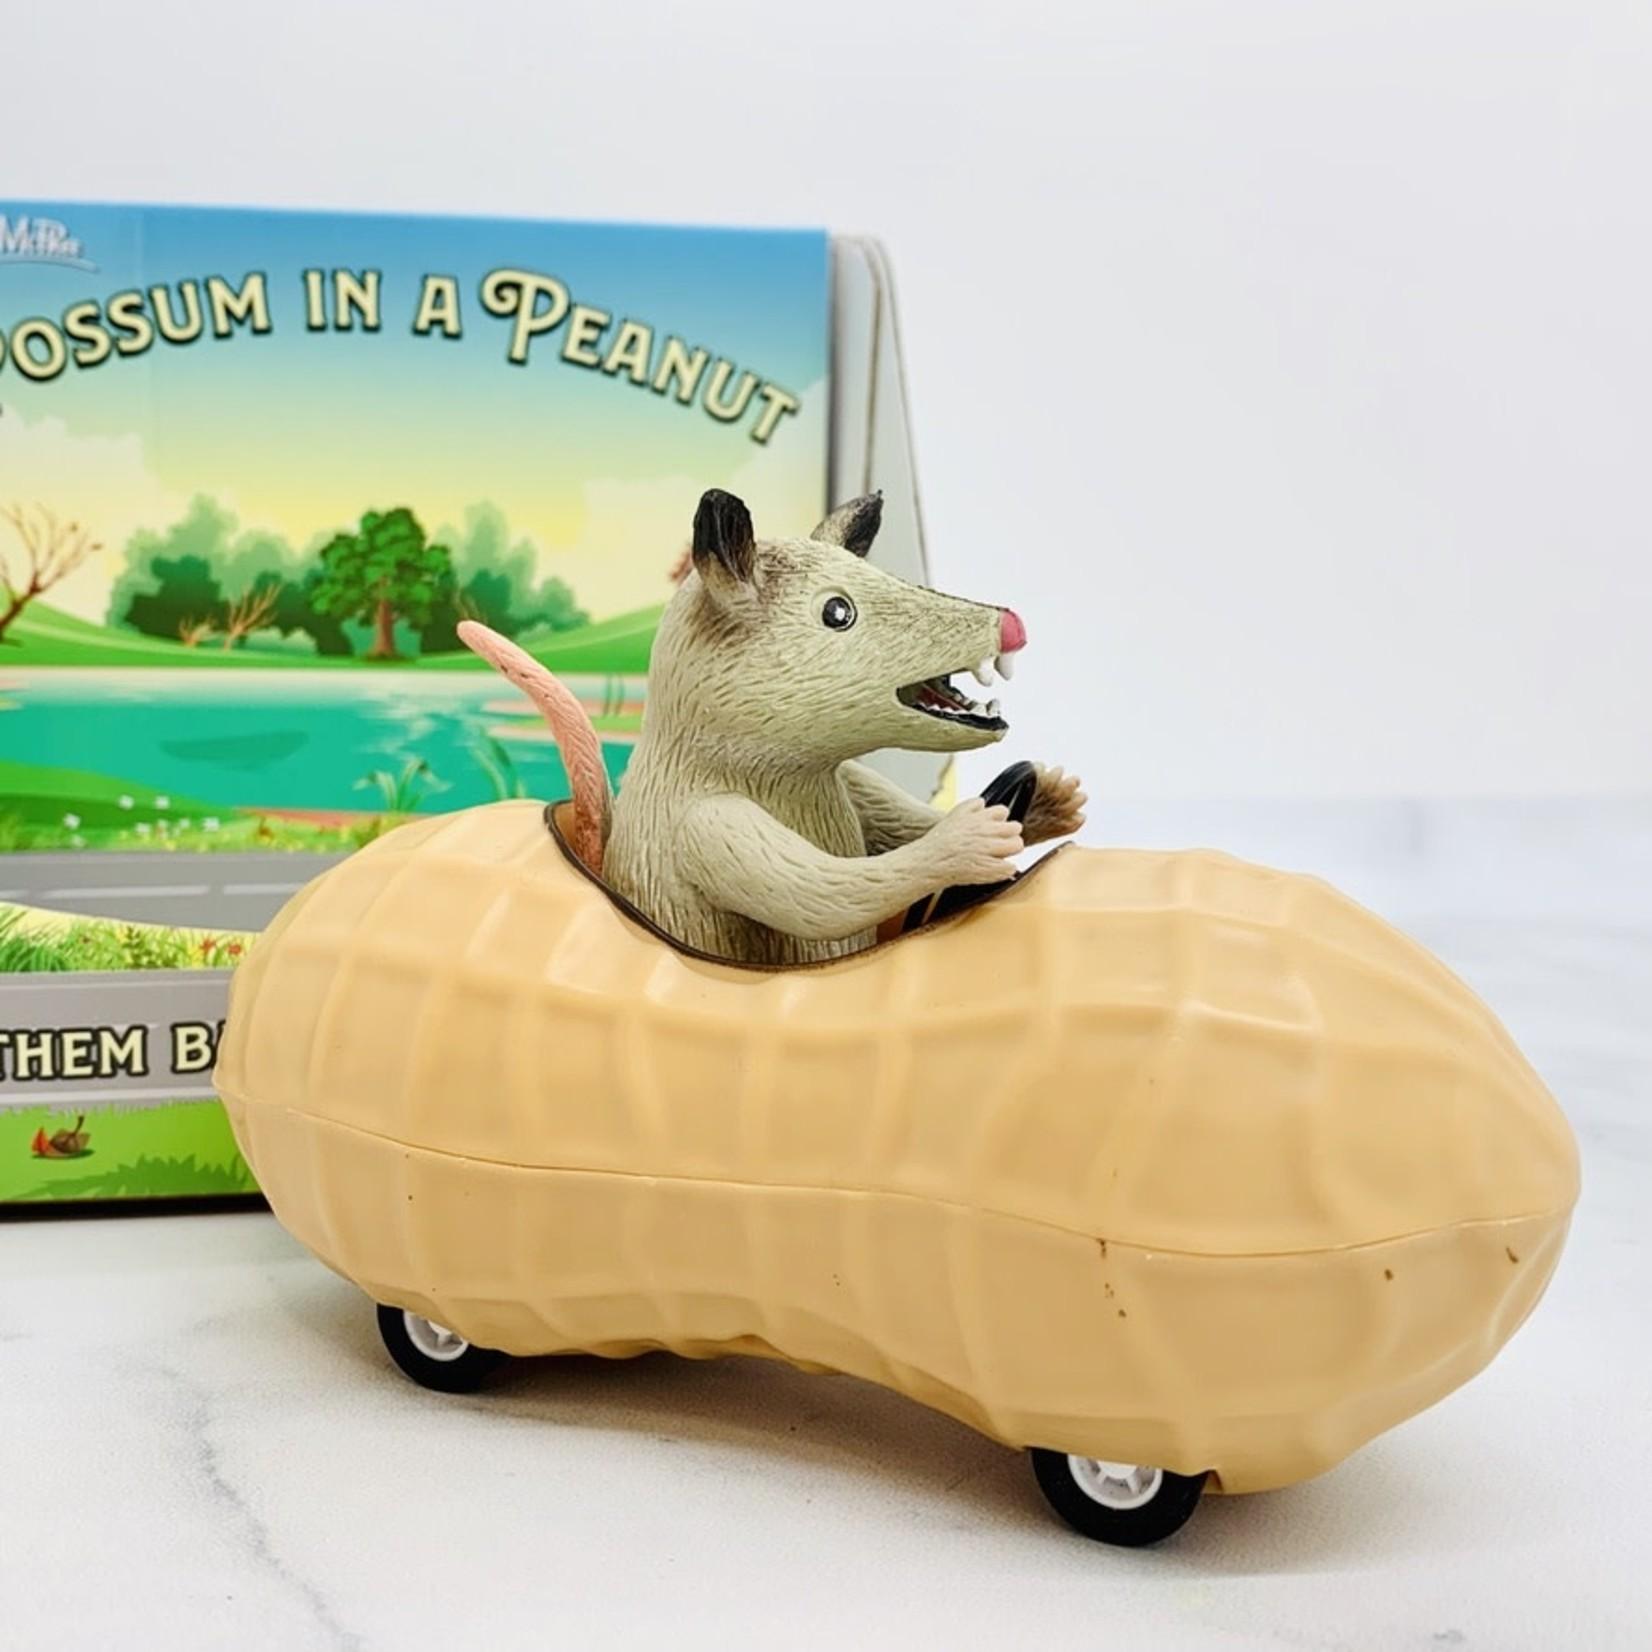 Possum in a Peanut